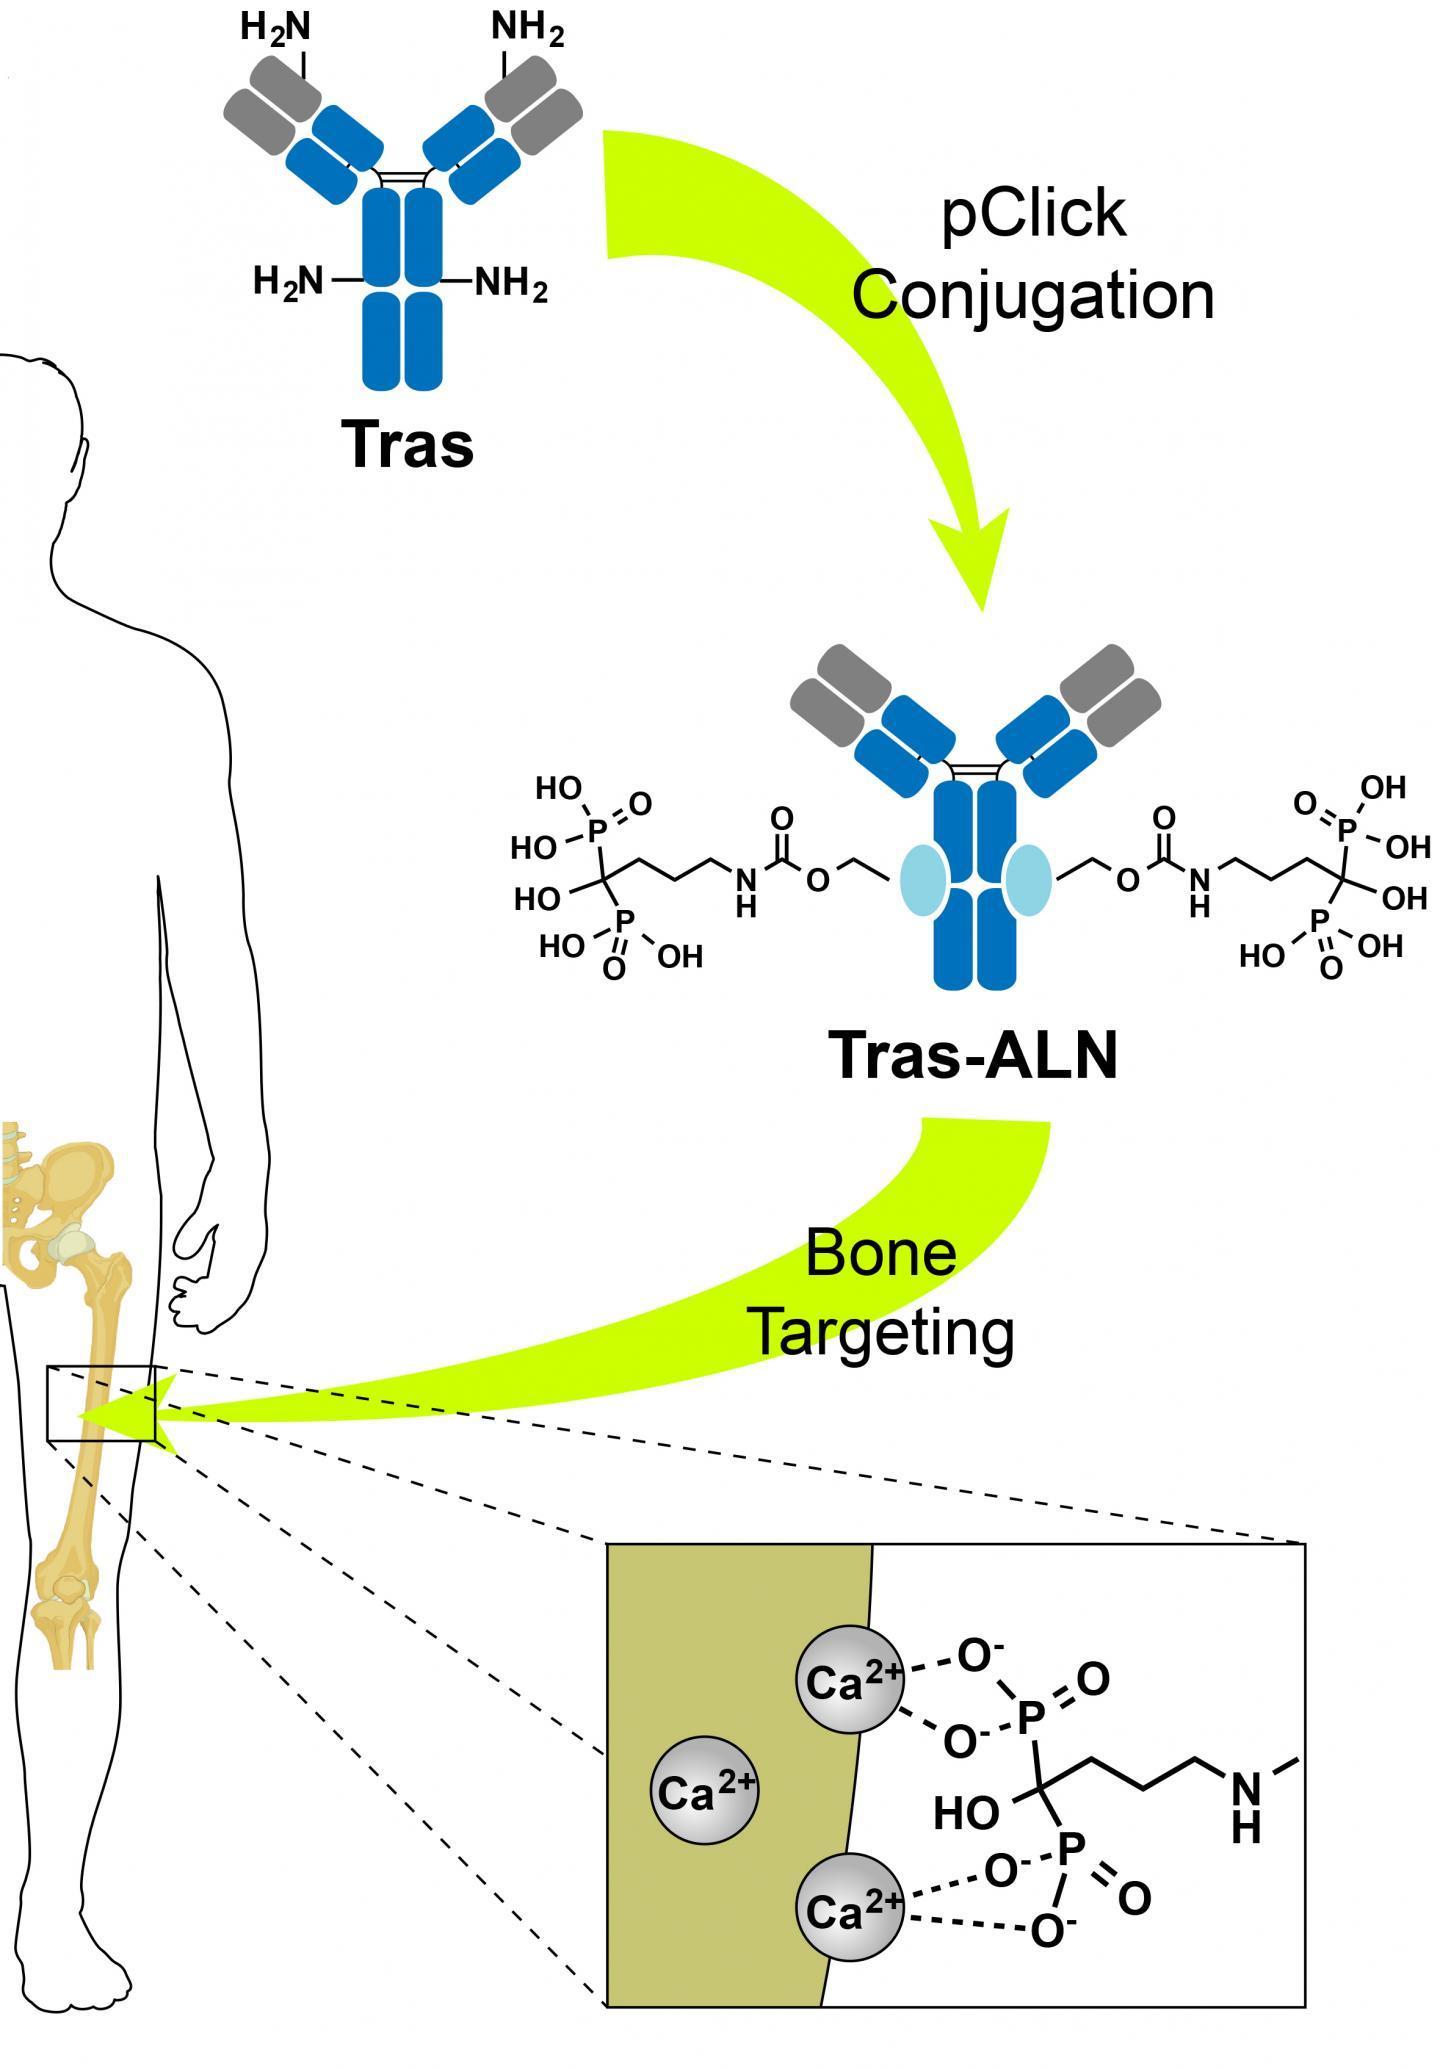 药物对骨癌和转移的影响翻倍